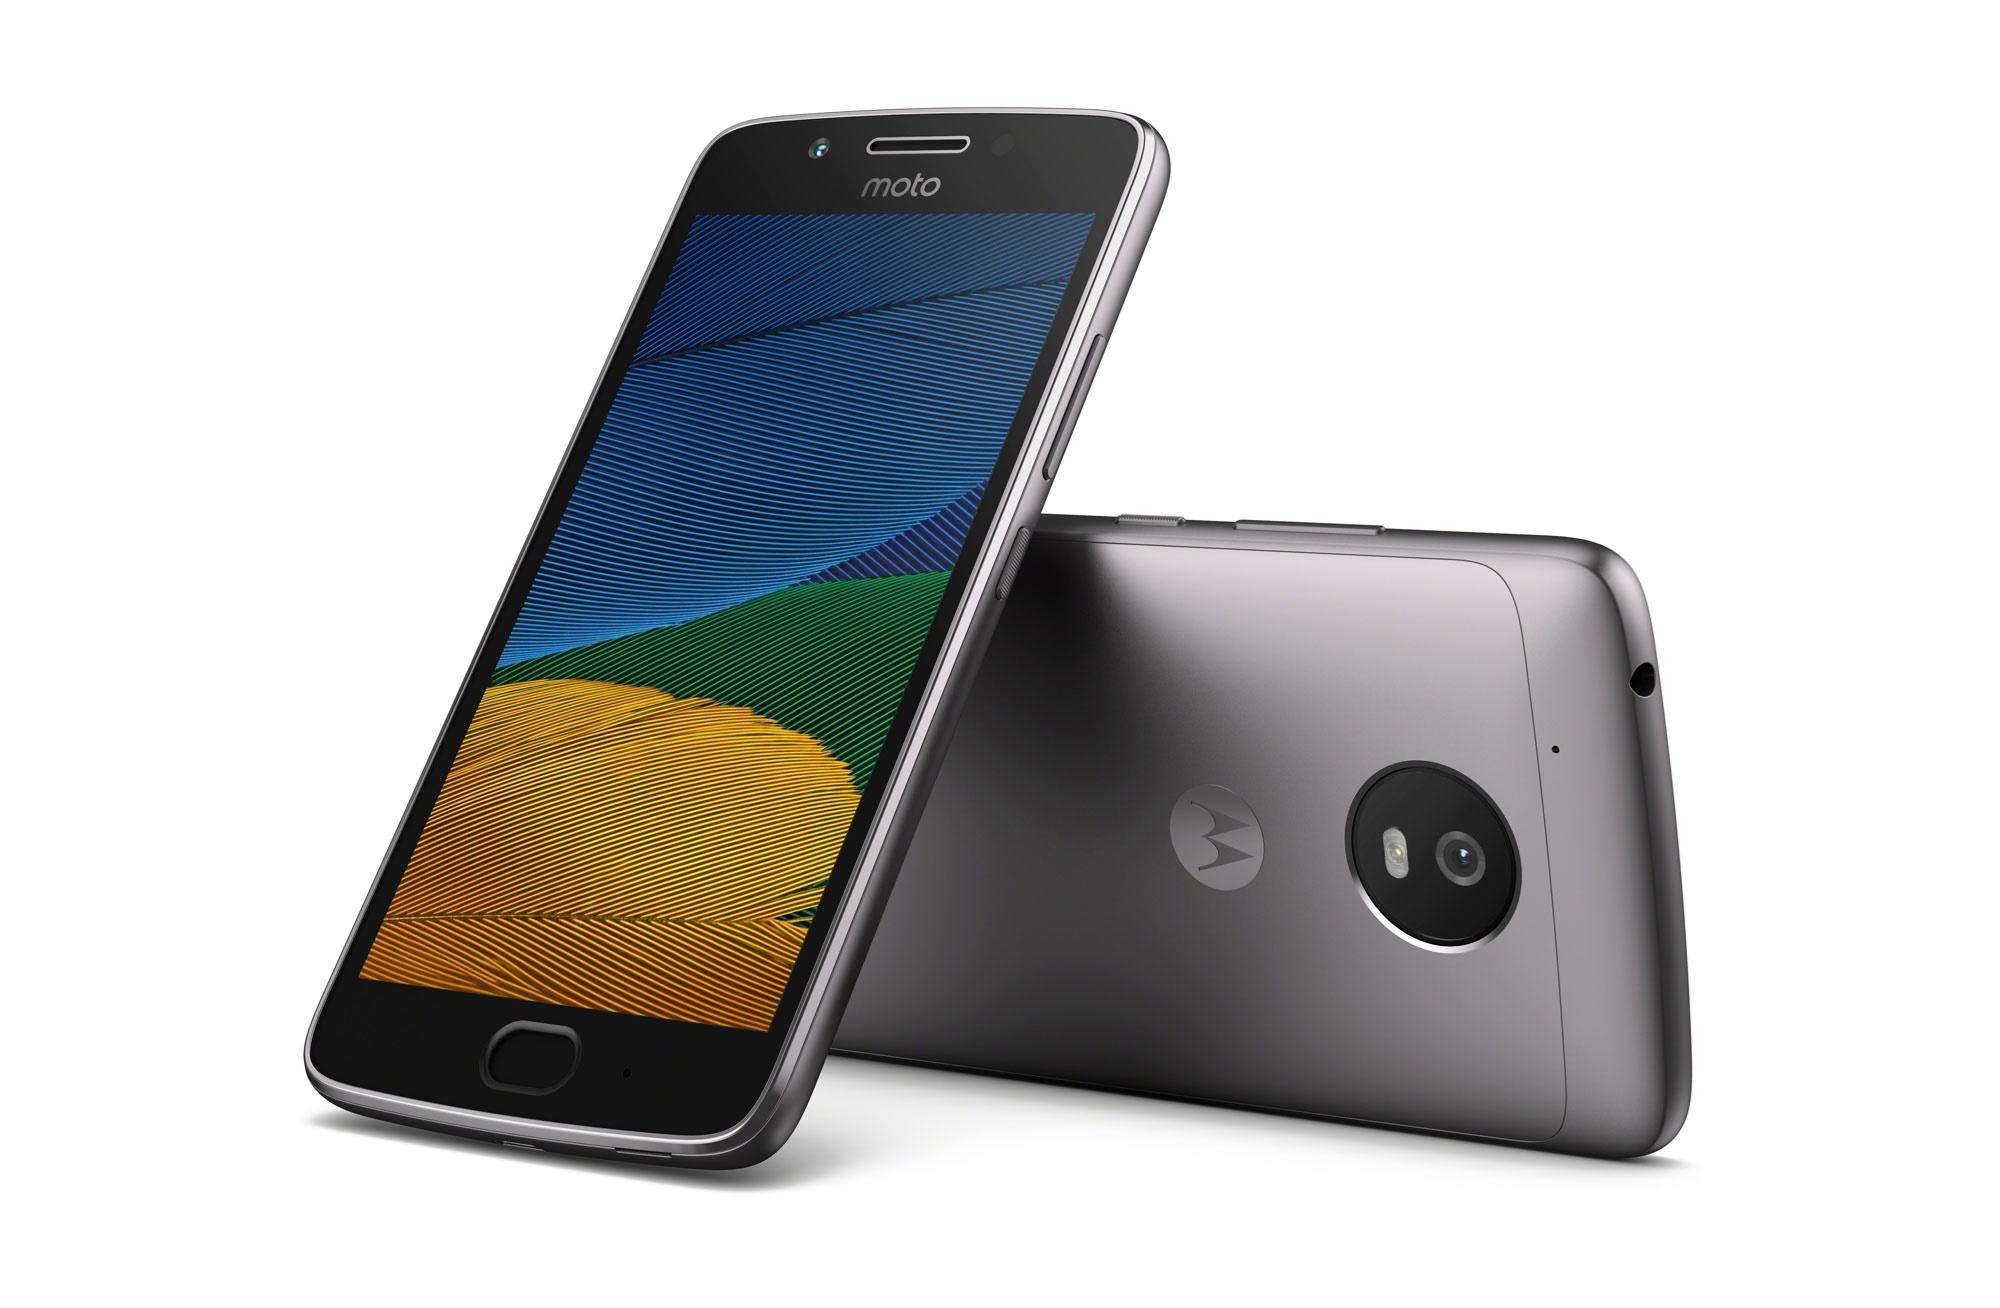 رونمایی از دو گوشی قدرتمند و ارزان موتوجی ۵  و جی ۵ پلاس در کنفرانس جهانی موبایل